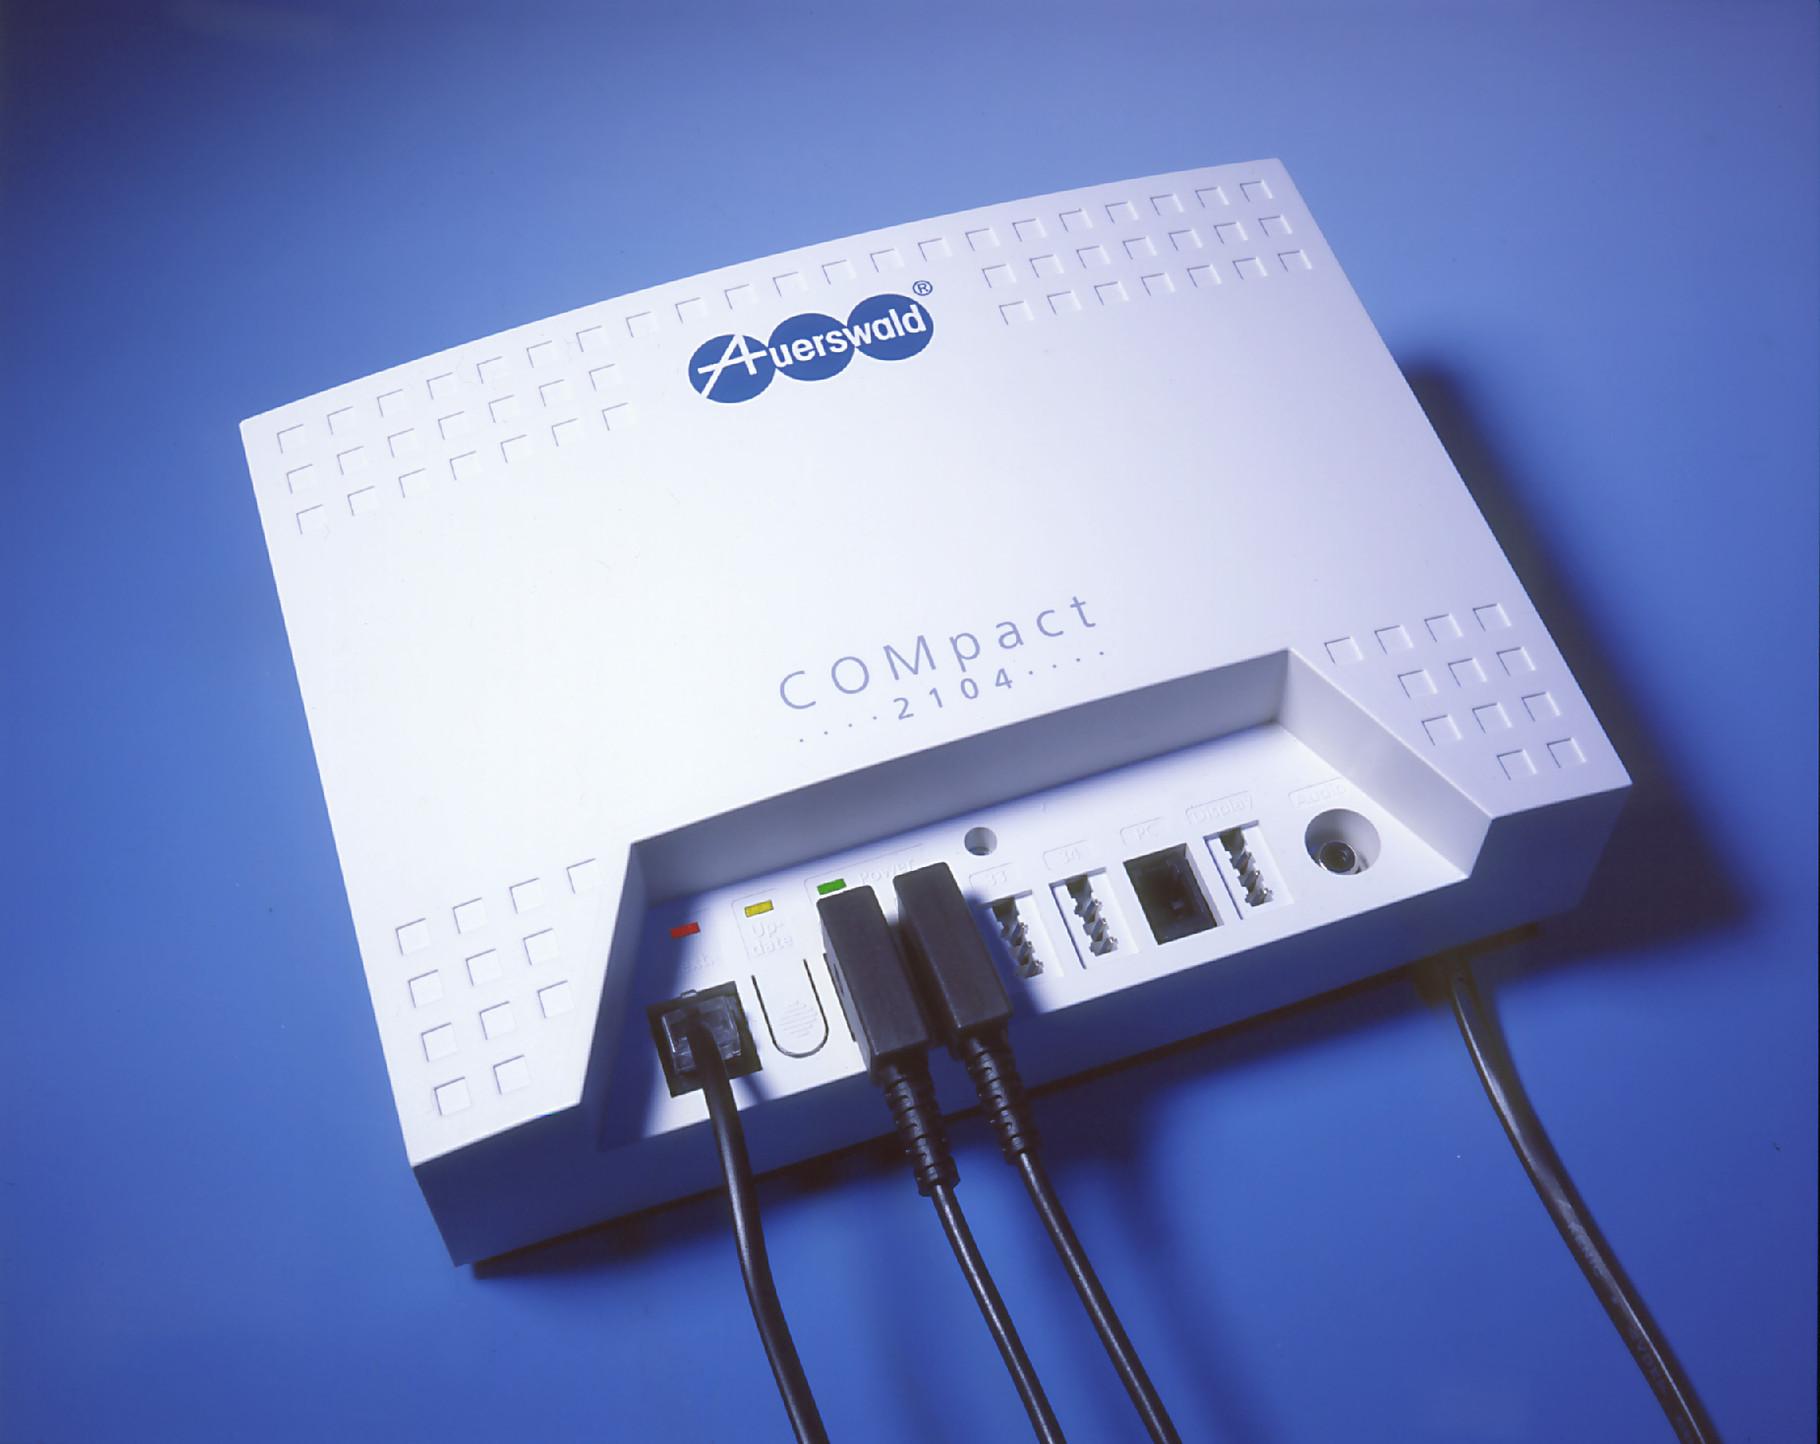 COMpact 2104 | Auerswald München | Elektronisches Telefonsystem ...